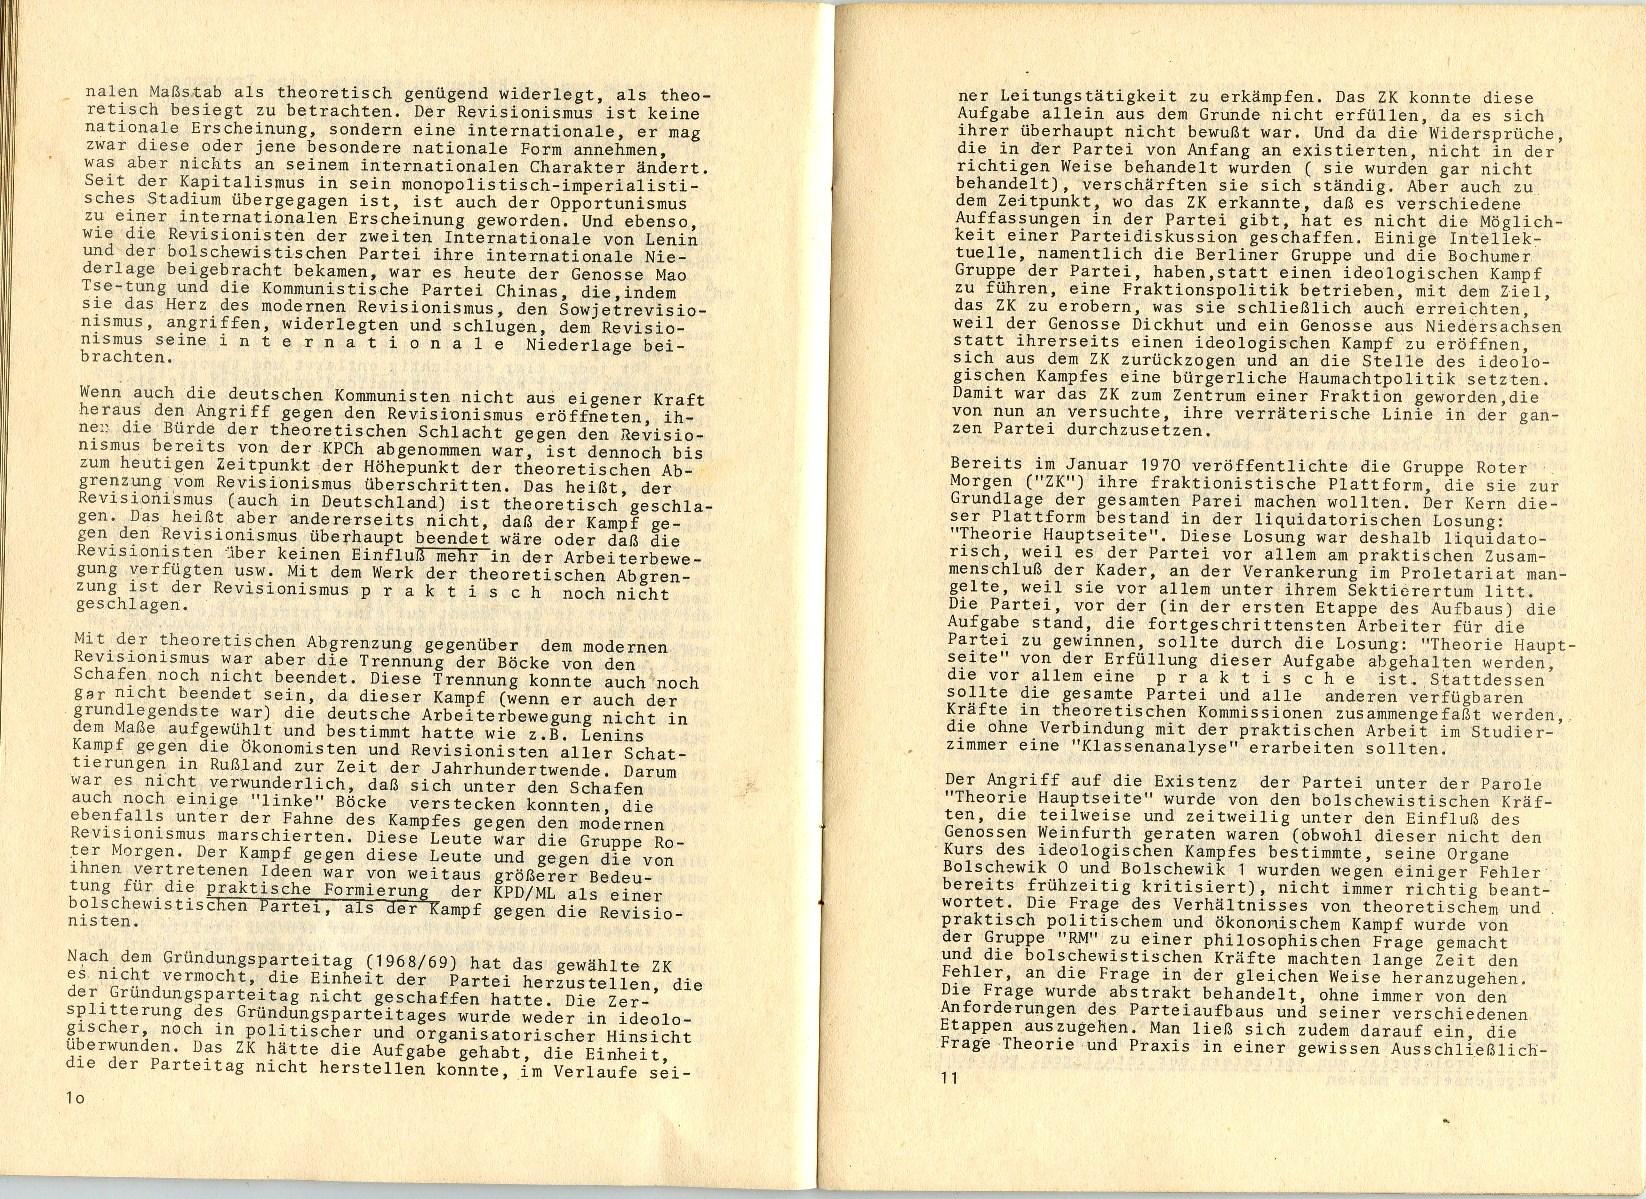 ZB_Etappen_Parteiaufbau_1971_12